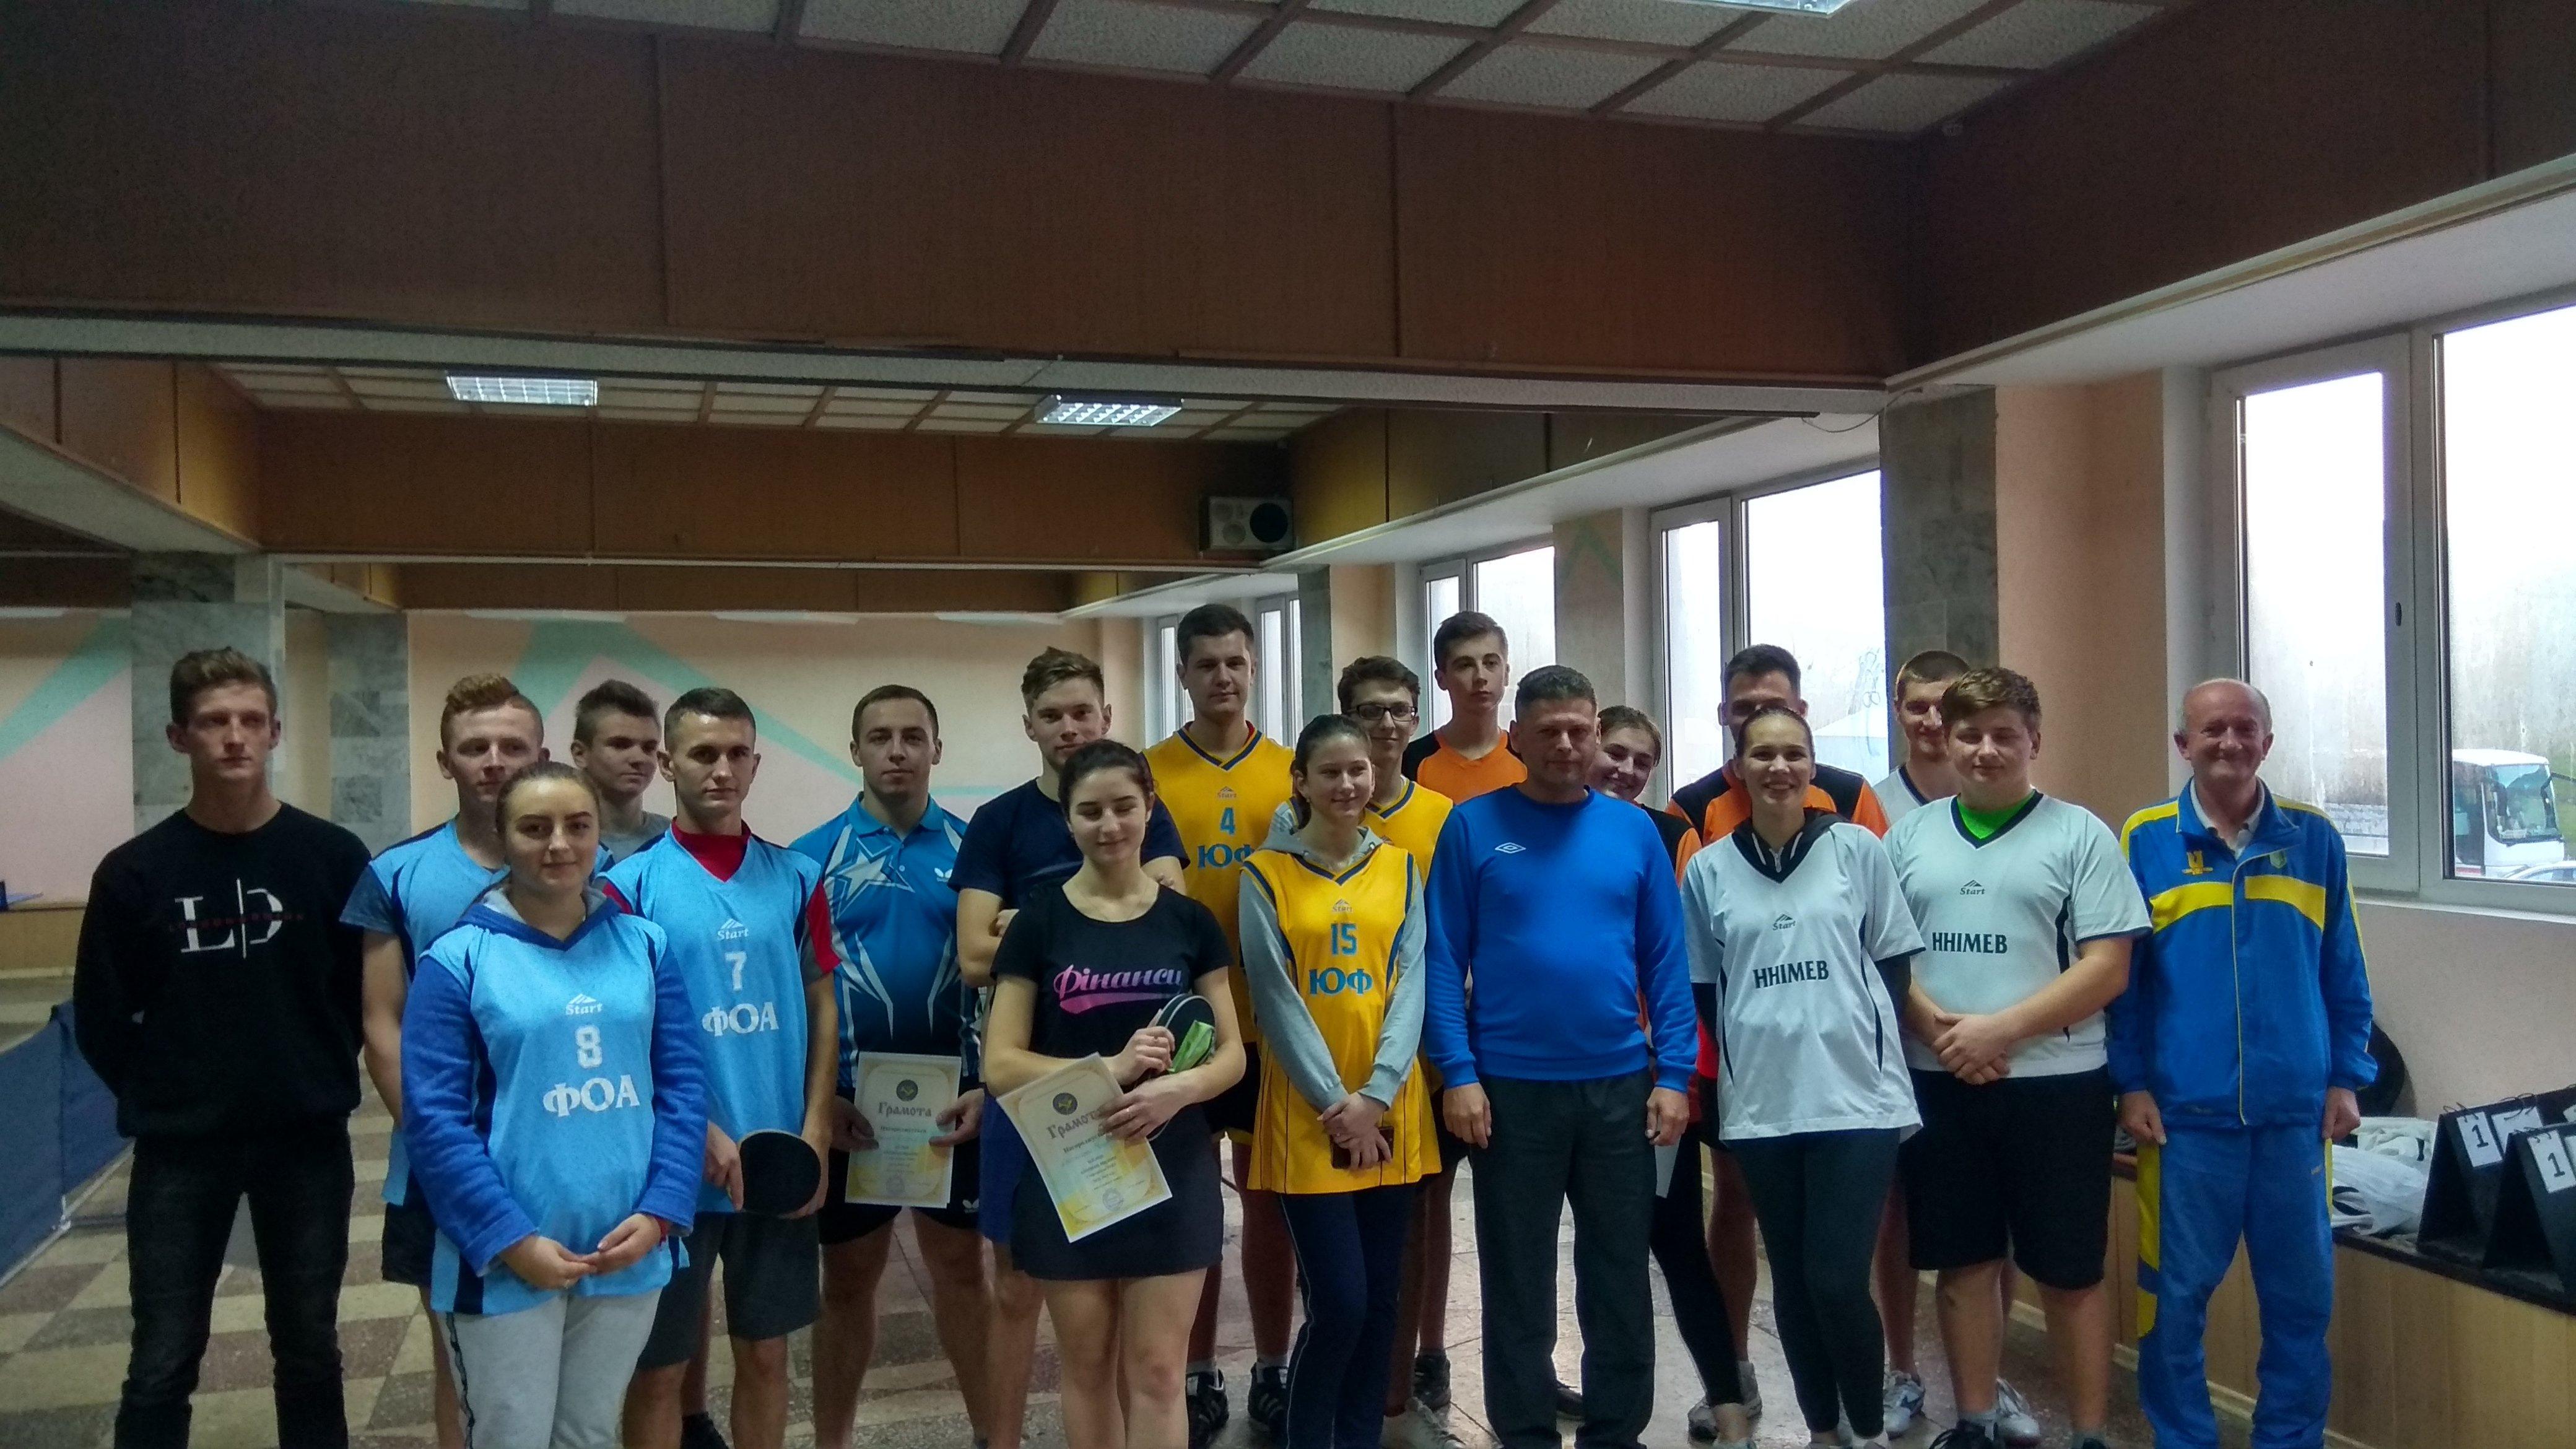 Вітаємо учасників змагань Спартакіади ТНЕУ з настільного тенісу!